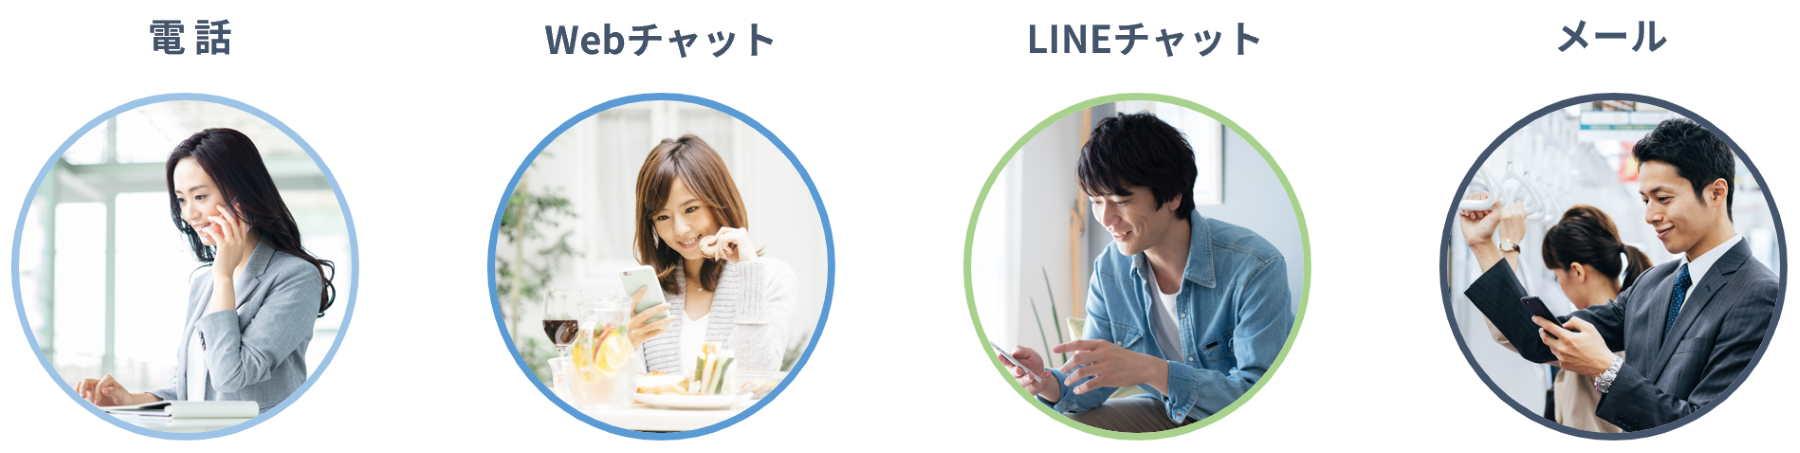 電話・Webチャット・LINEチャット・メール